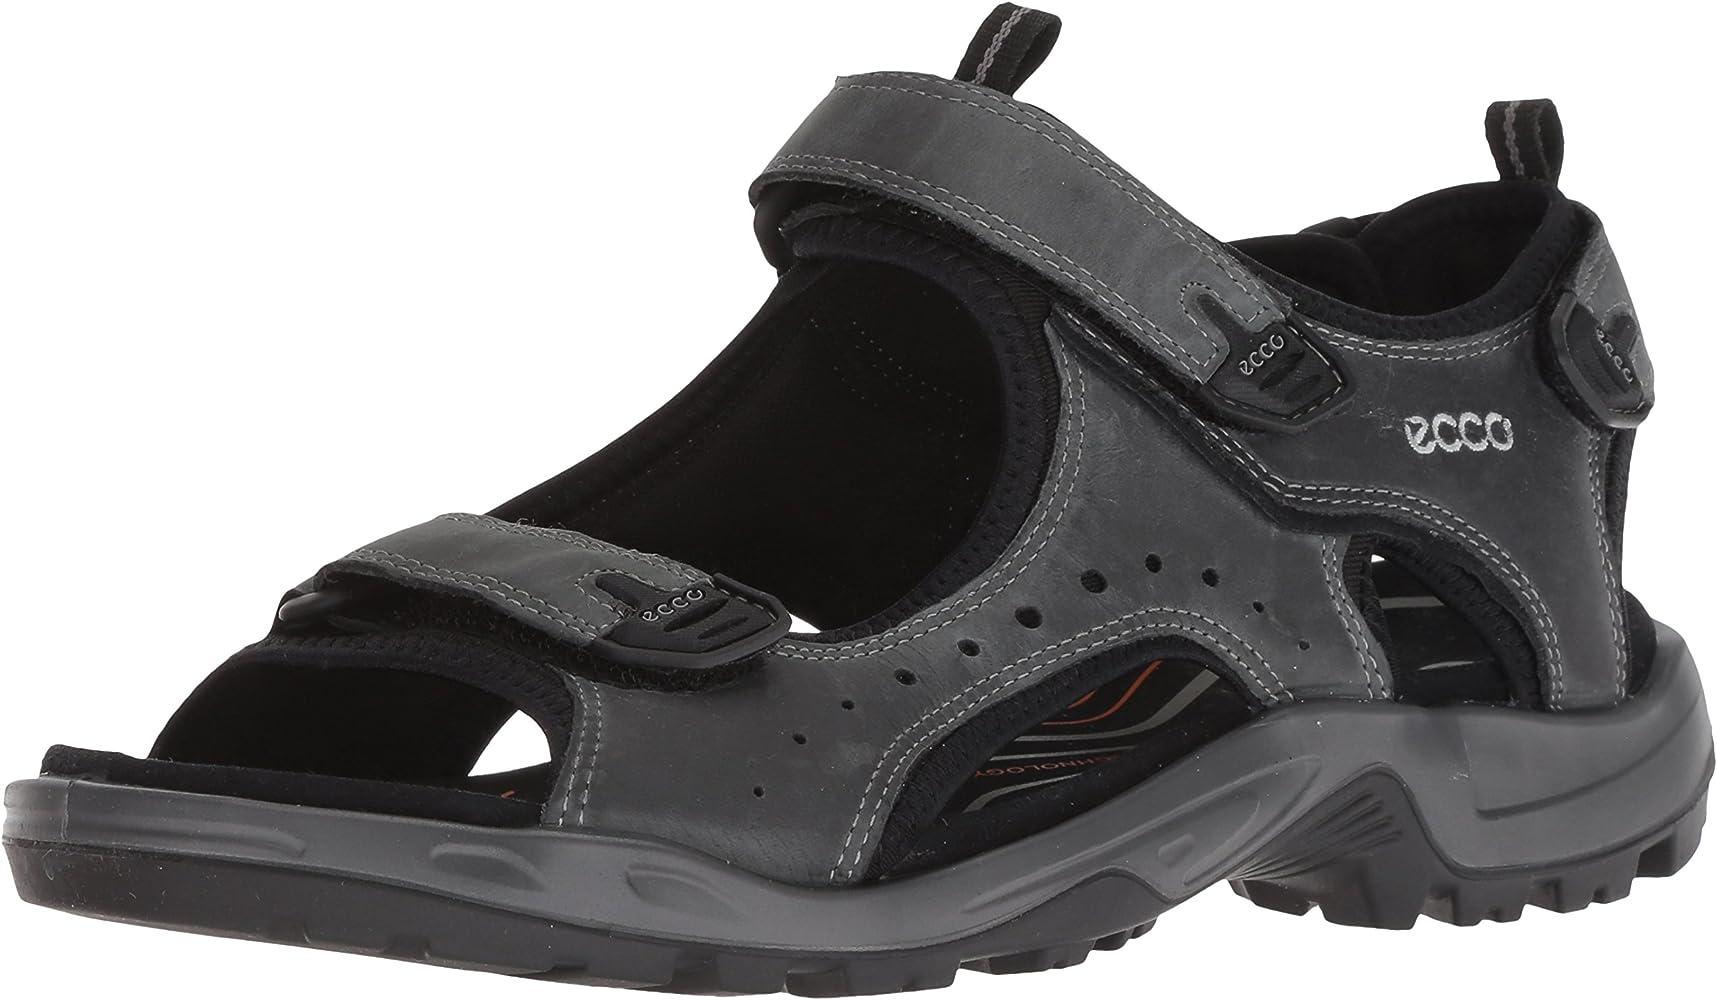 ECCO OFFROAD ANDES II Sandales Homme Chaussures de Trekking